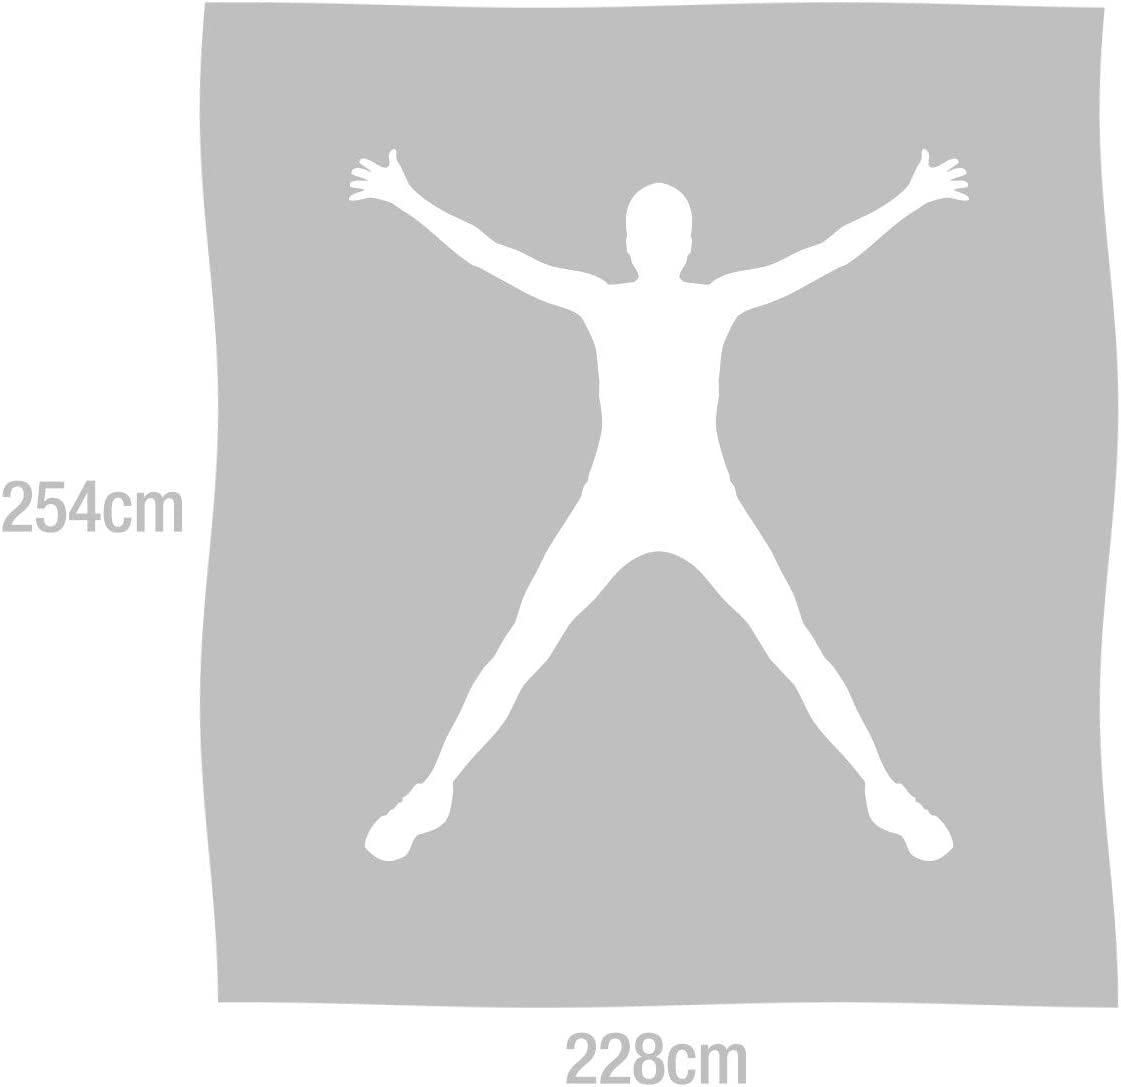 EHC per Letto e Divano Coperta a Nido dApe in Cotone Carbone 225 x 250 cm Colore: Antracite//Avorio King lussuosamente Morbida